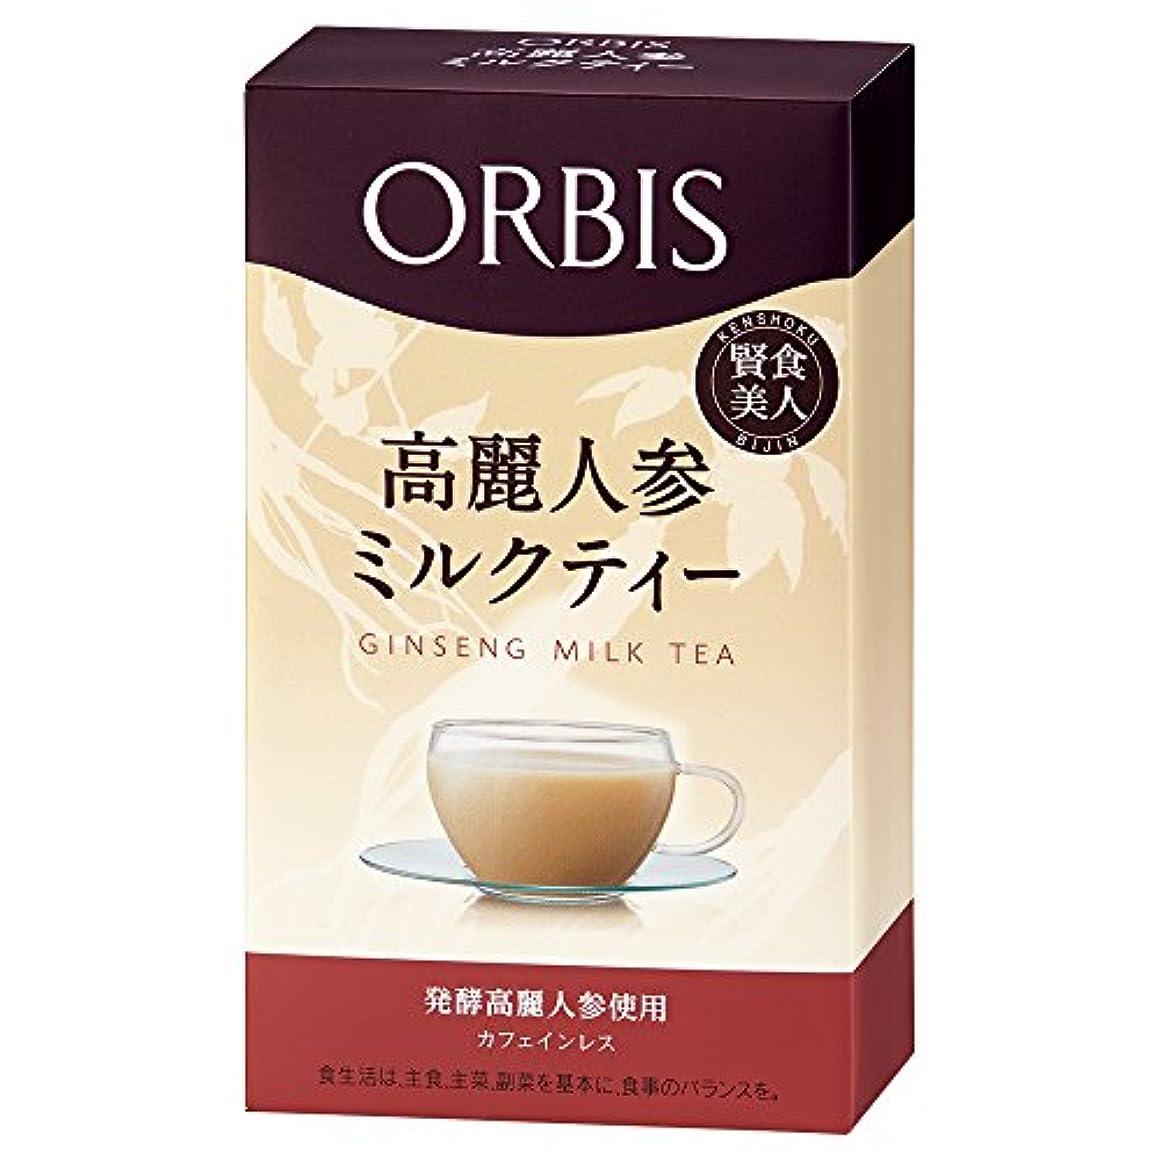 ジョブワット司令官オルビス(ORBIS) 高麗人参ミルクティー レギュラー 10杯分(10g×10袋) ※粉末タイプ